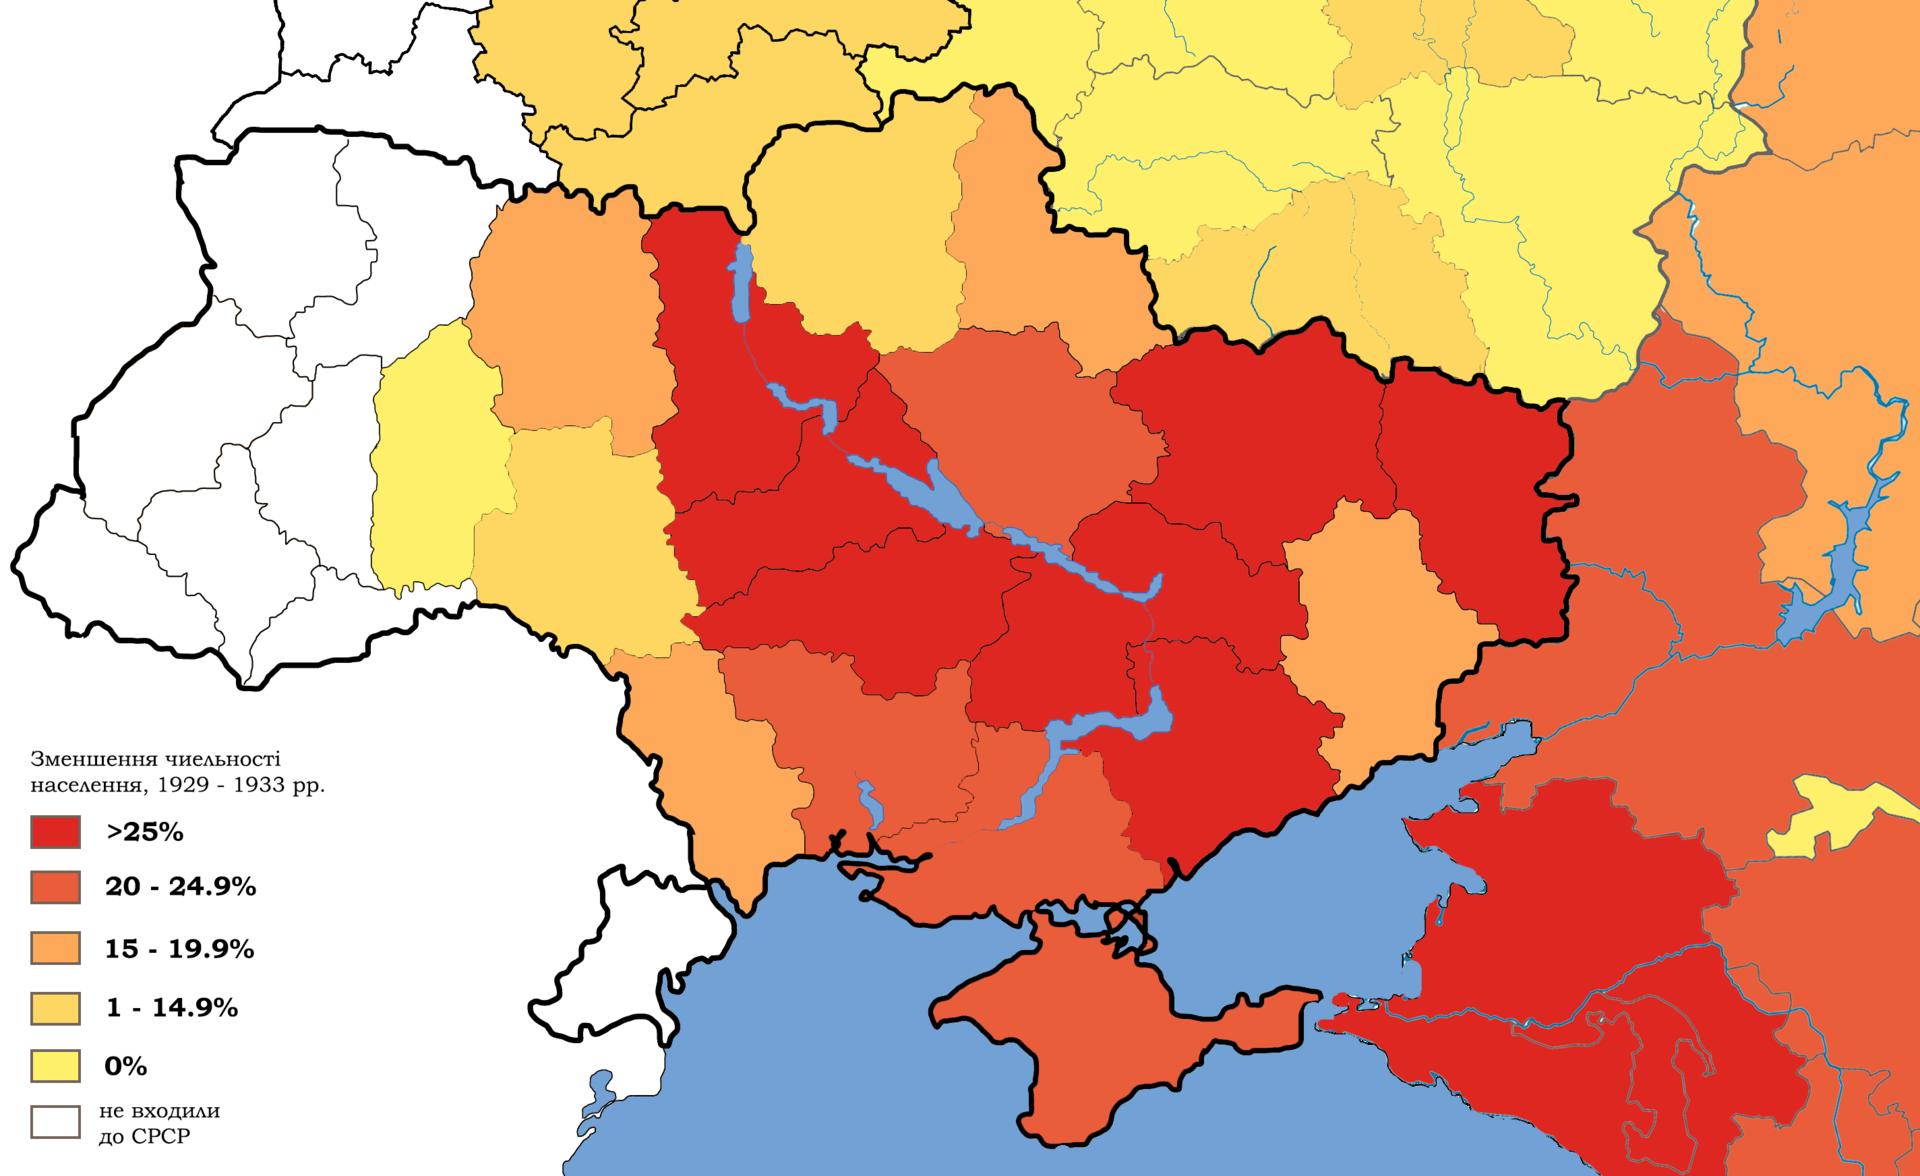 Під час Голодомору в Україні померло більше людей, ніж зараз живе в Словаччині, - президент Кіска - Цензор.НЕТ 6556